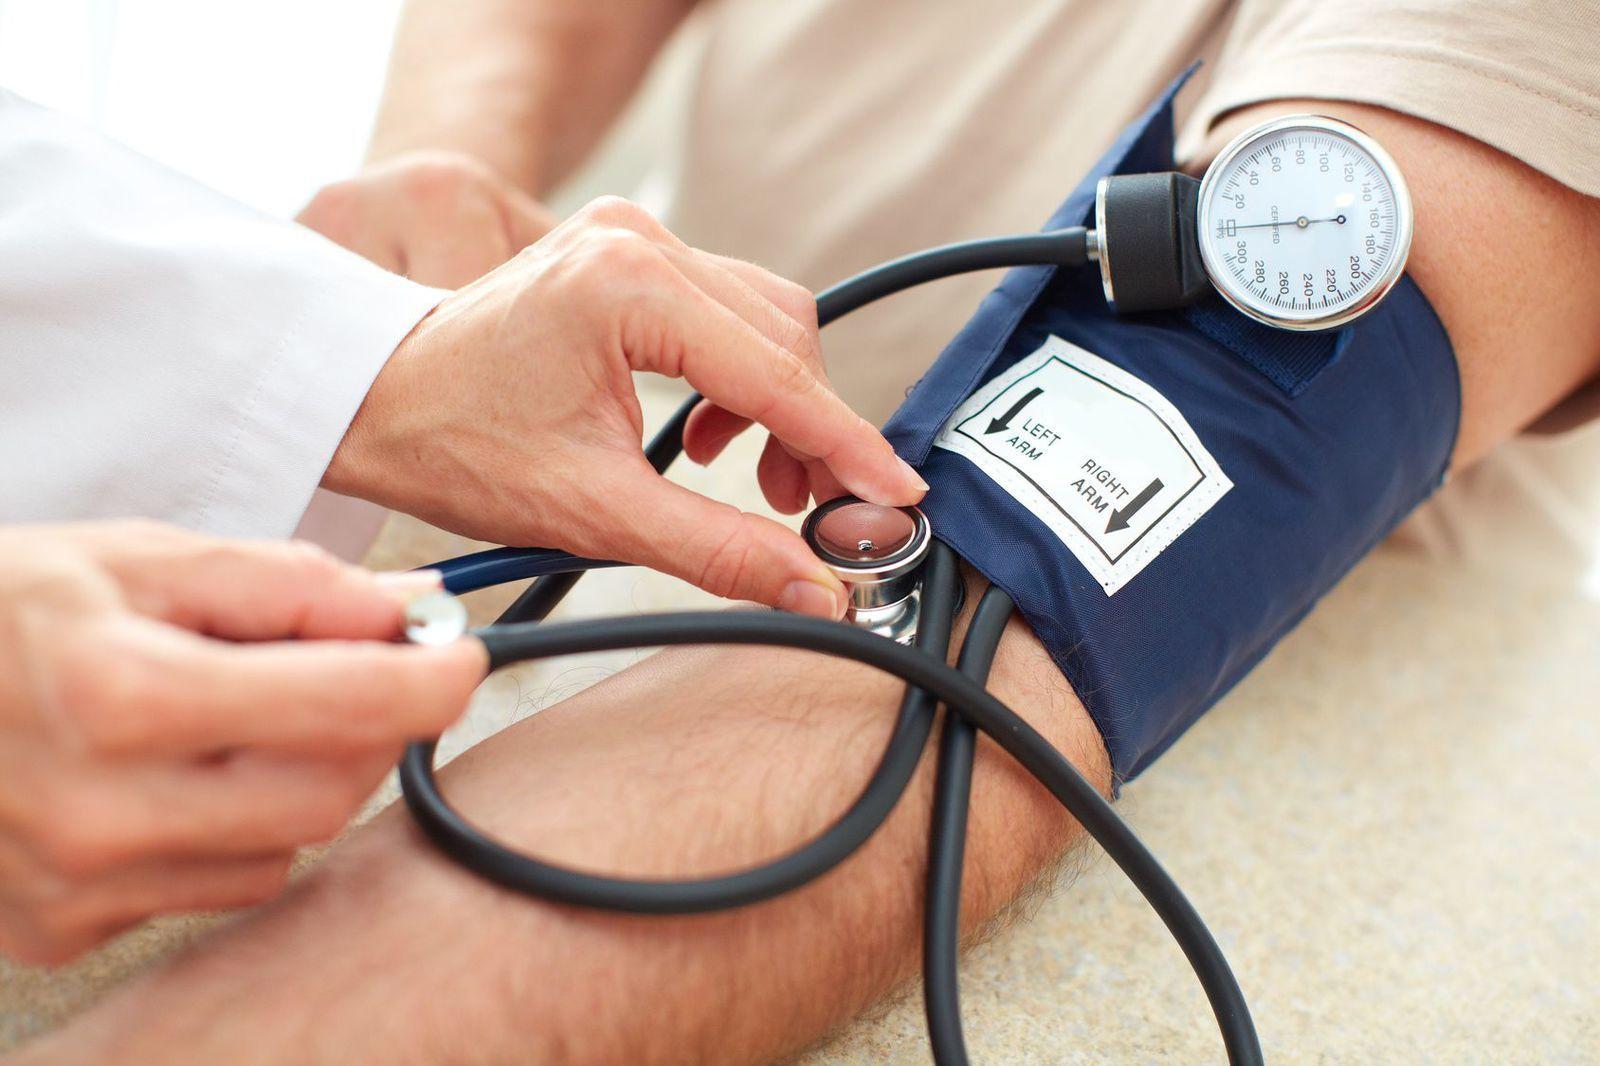 Meilleure assurance santé : une assurance utile pour les Français ?